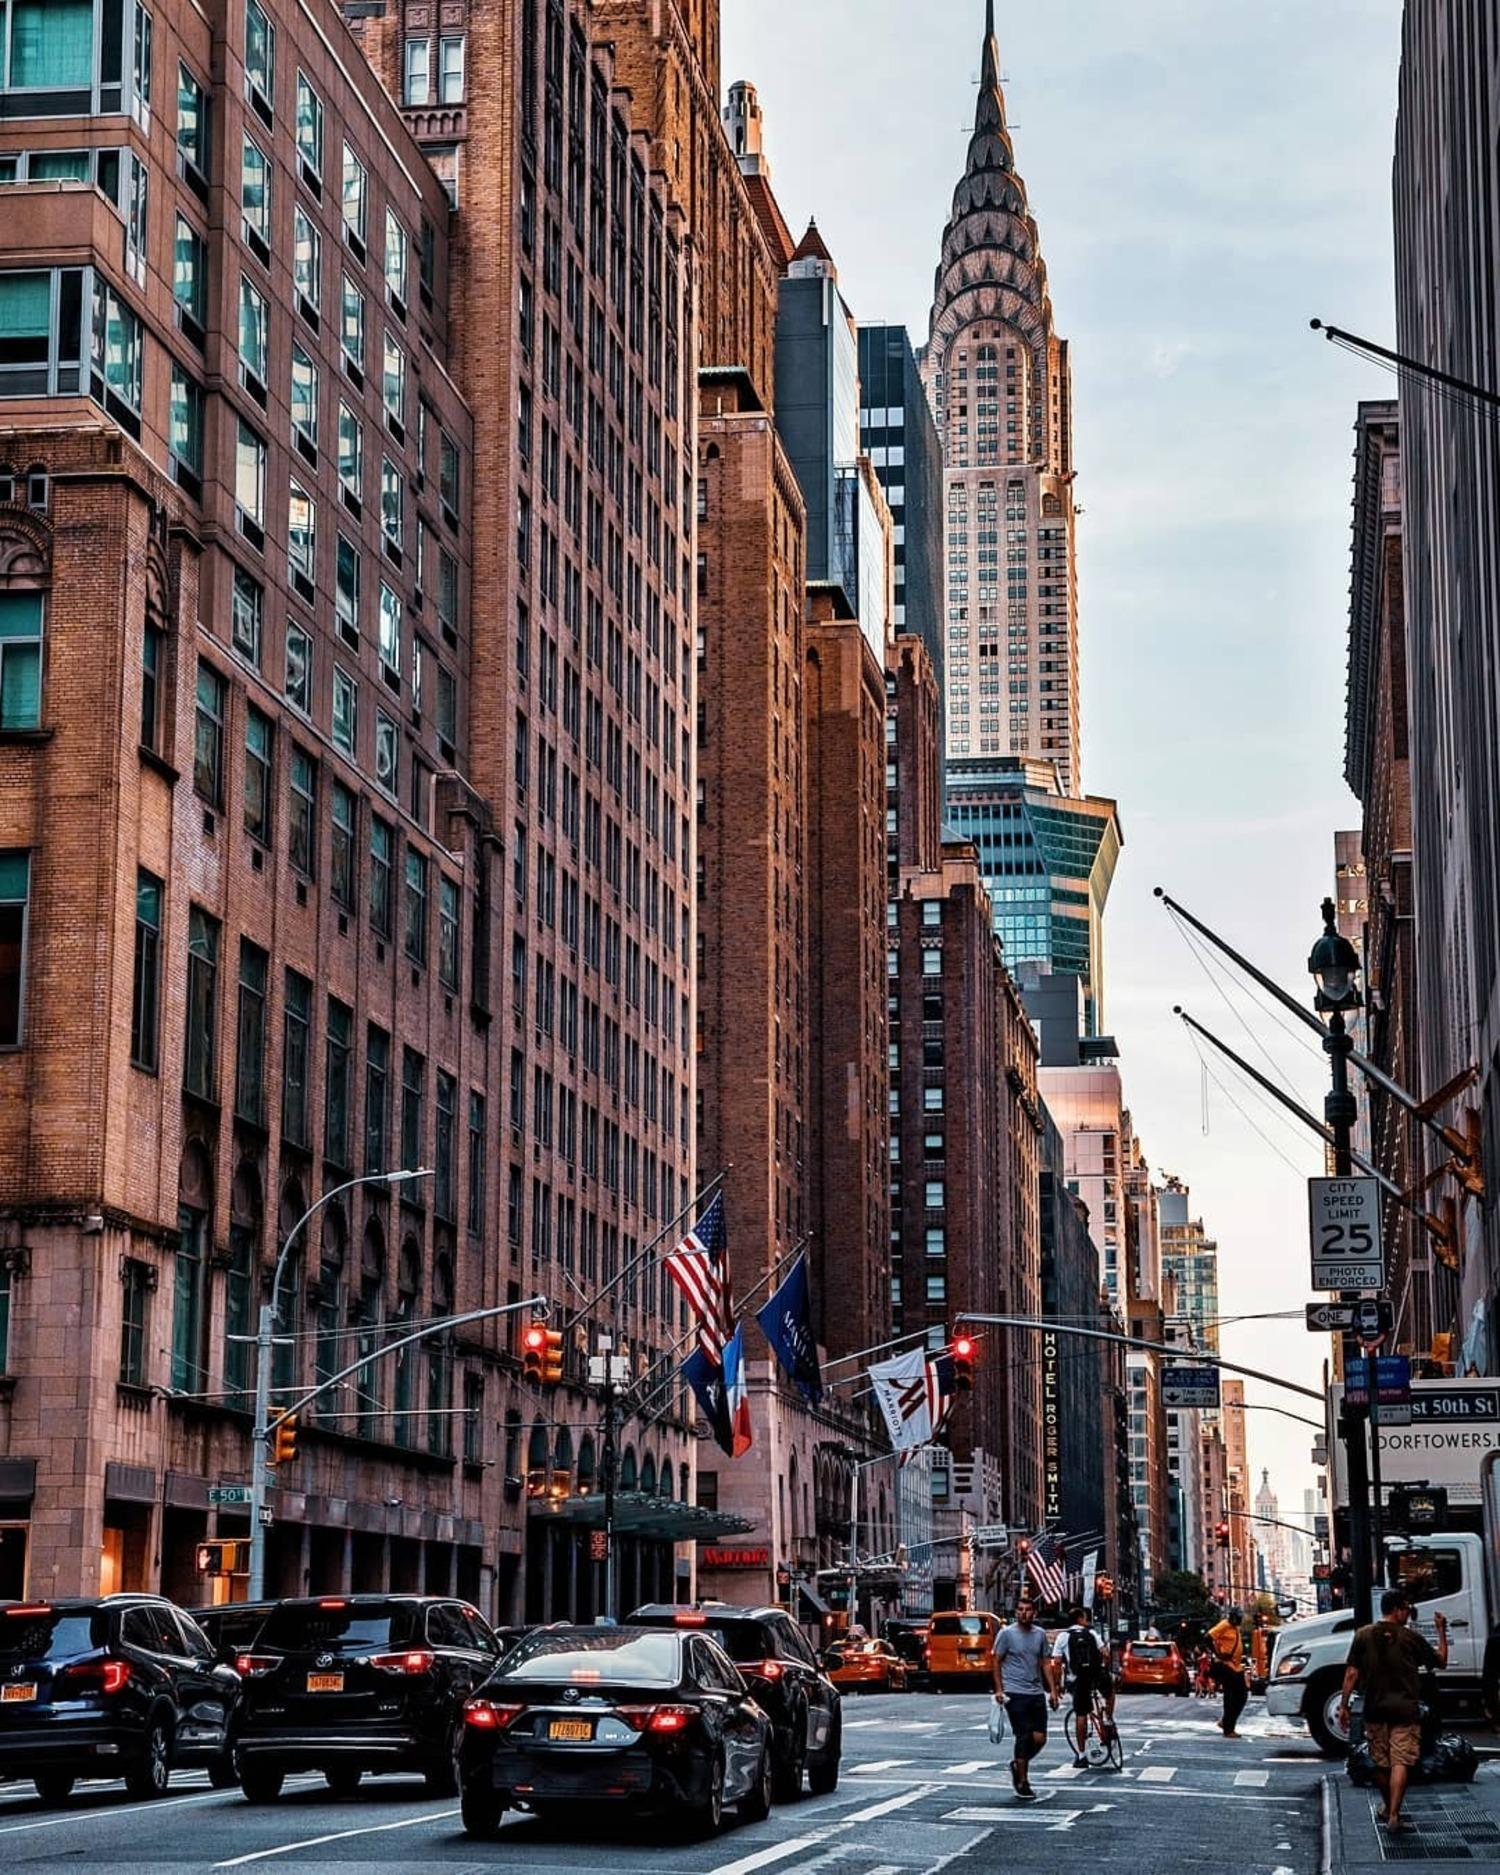 Lexington Avenue and 50th Street, Manhattan